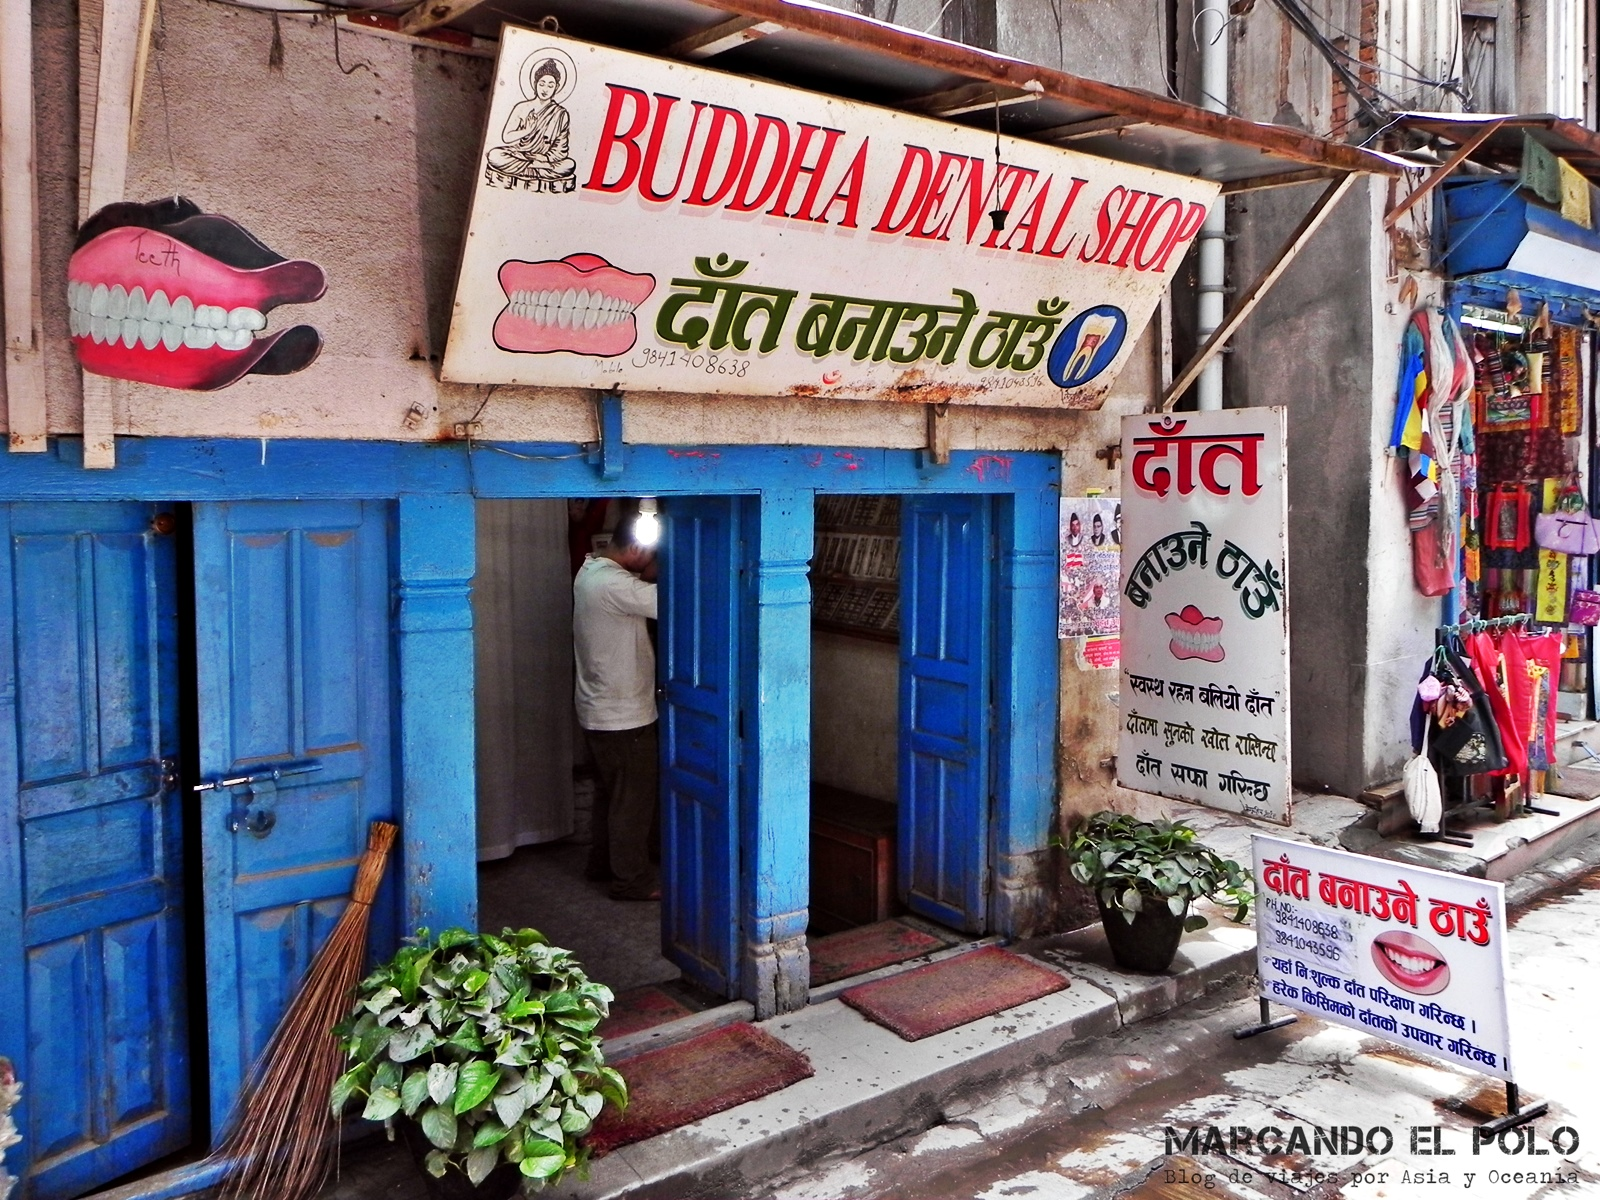 Seguro de viaje: Dentista en Katmandu, Nepal